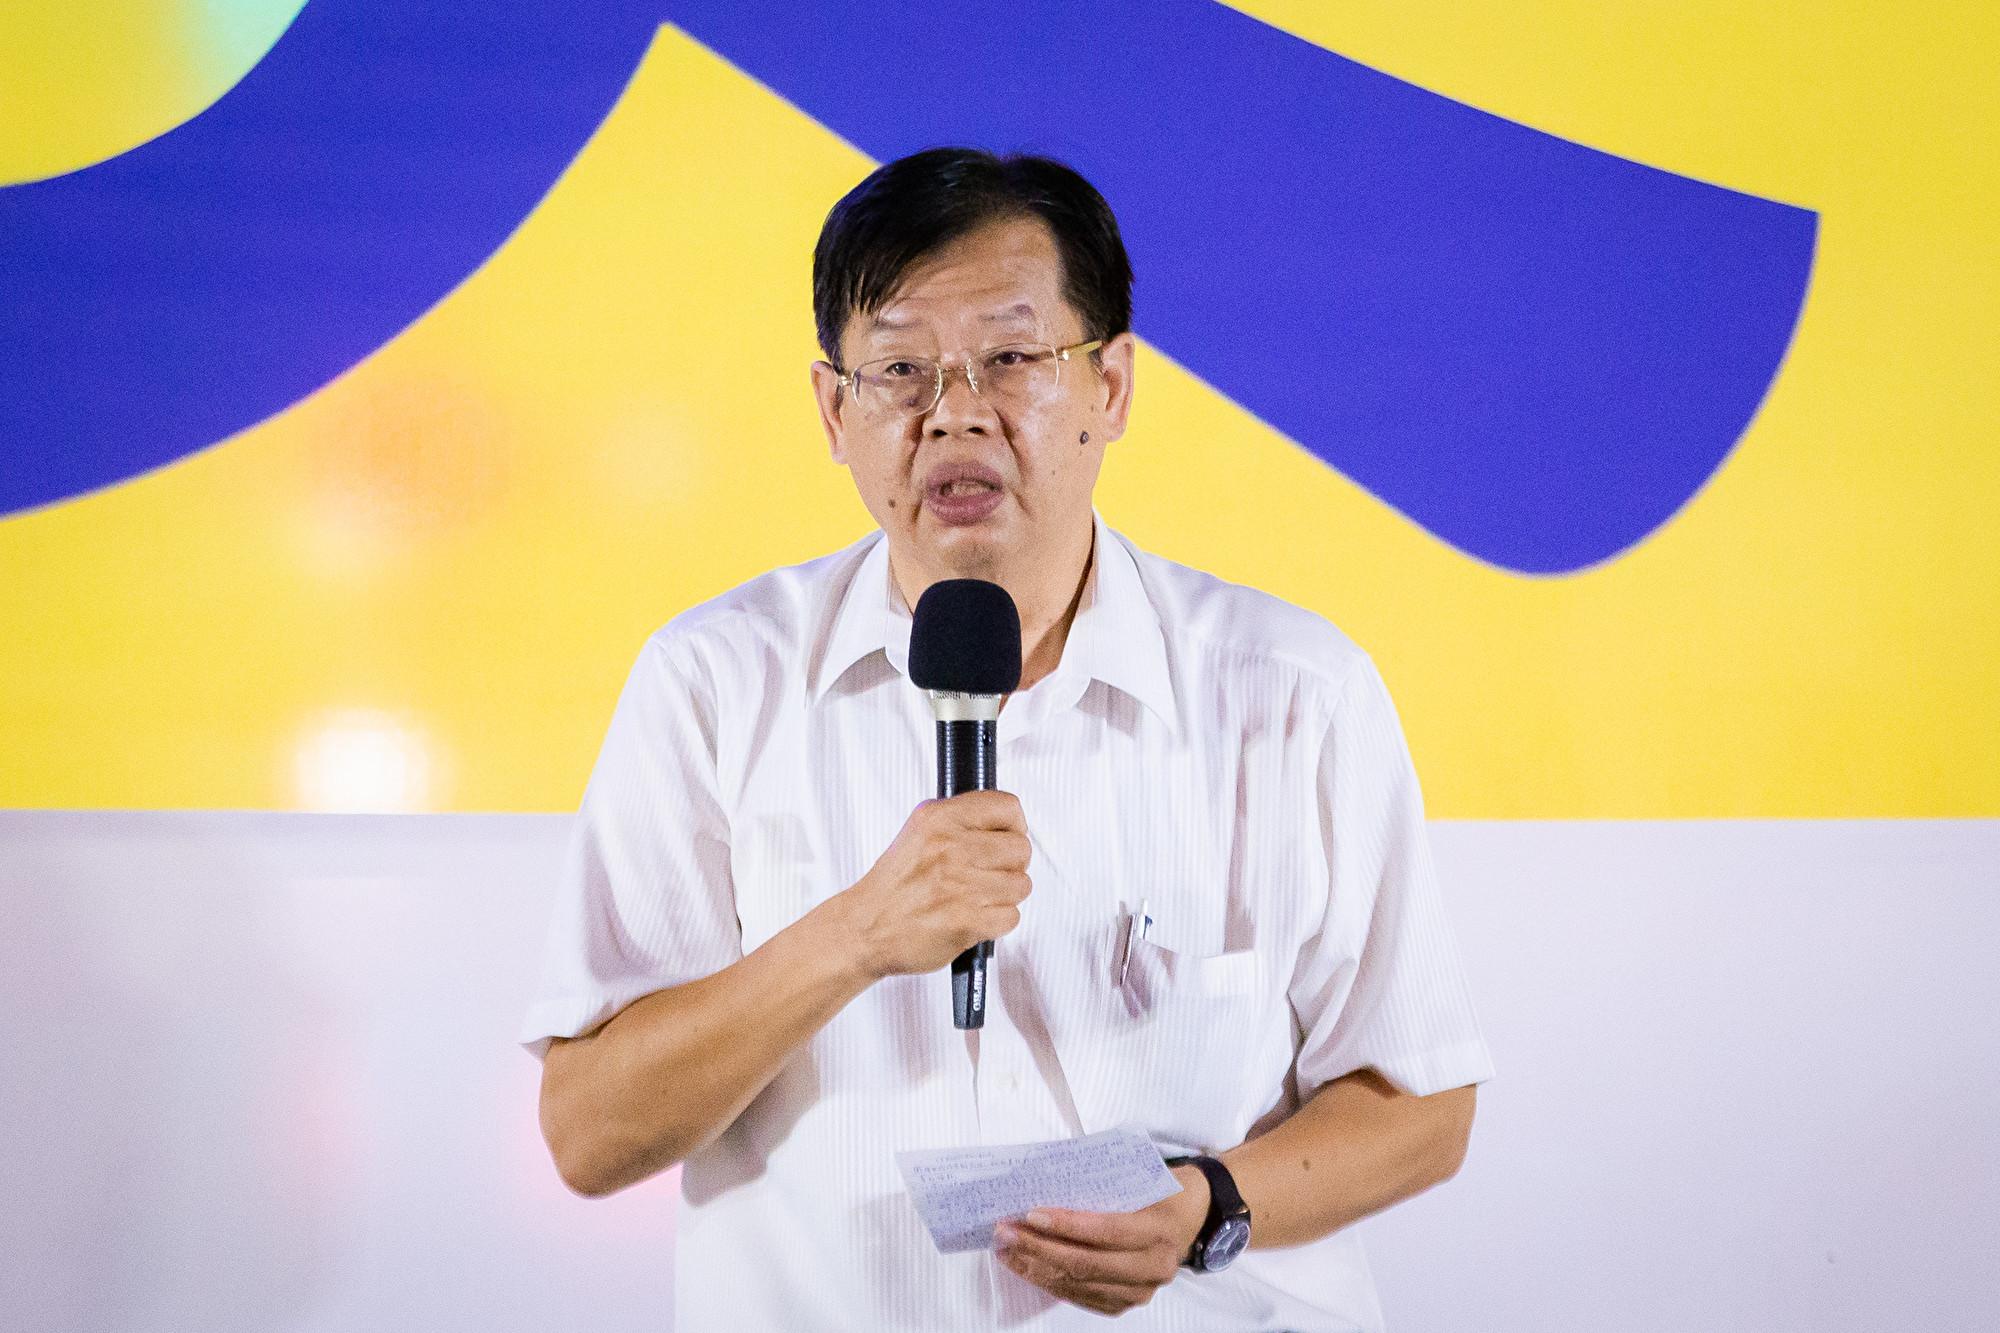 台灣北部部份法輪功學員7月20日晚間,在台北市民廣場舉行反迫害20周年記者會暨燭光悼念會。圖為人權律師魏千峰出席發言。(陳柏州/大紀元)